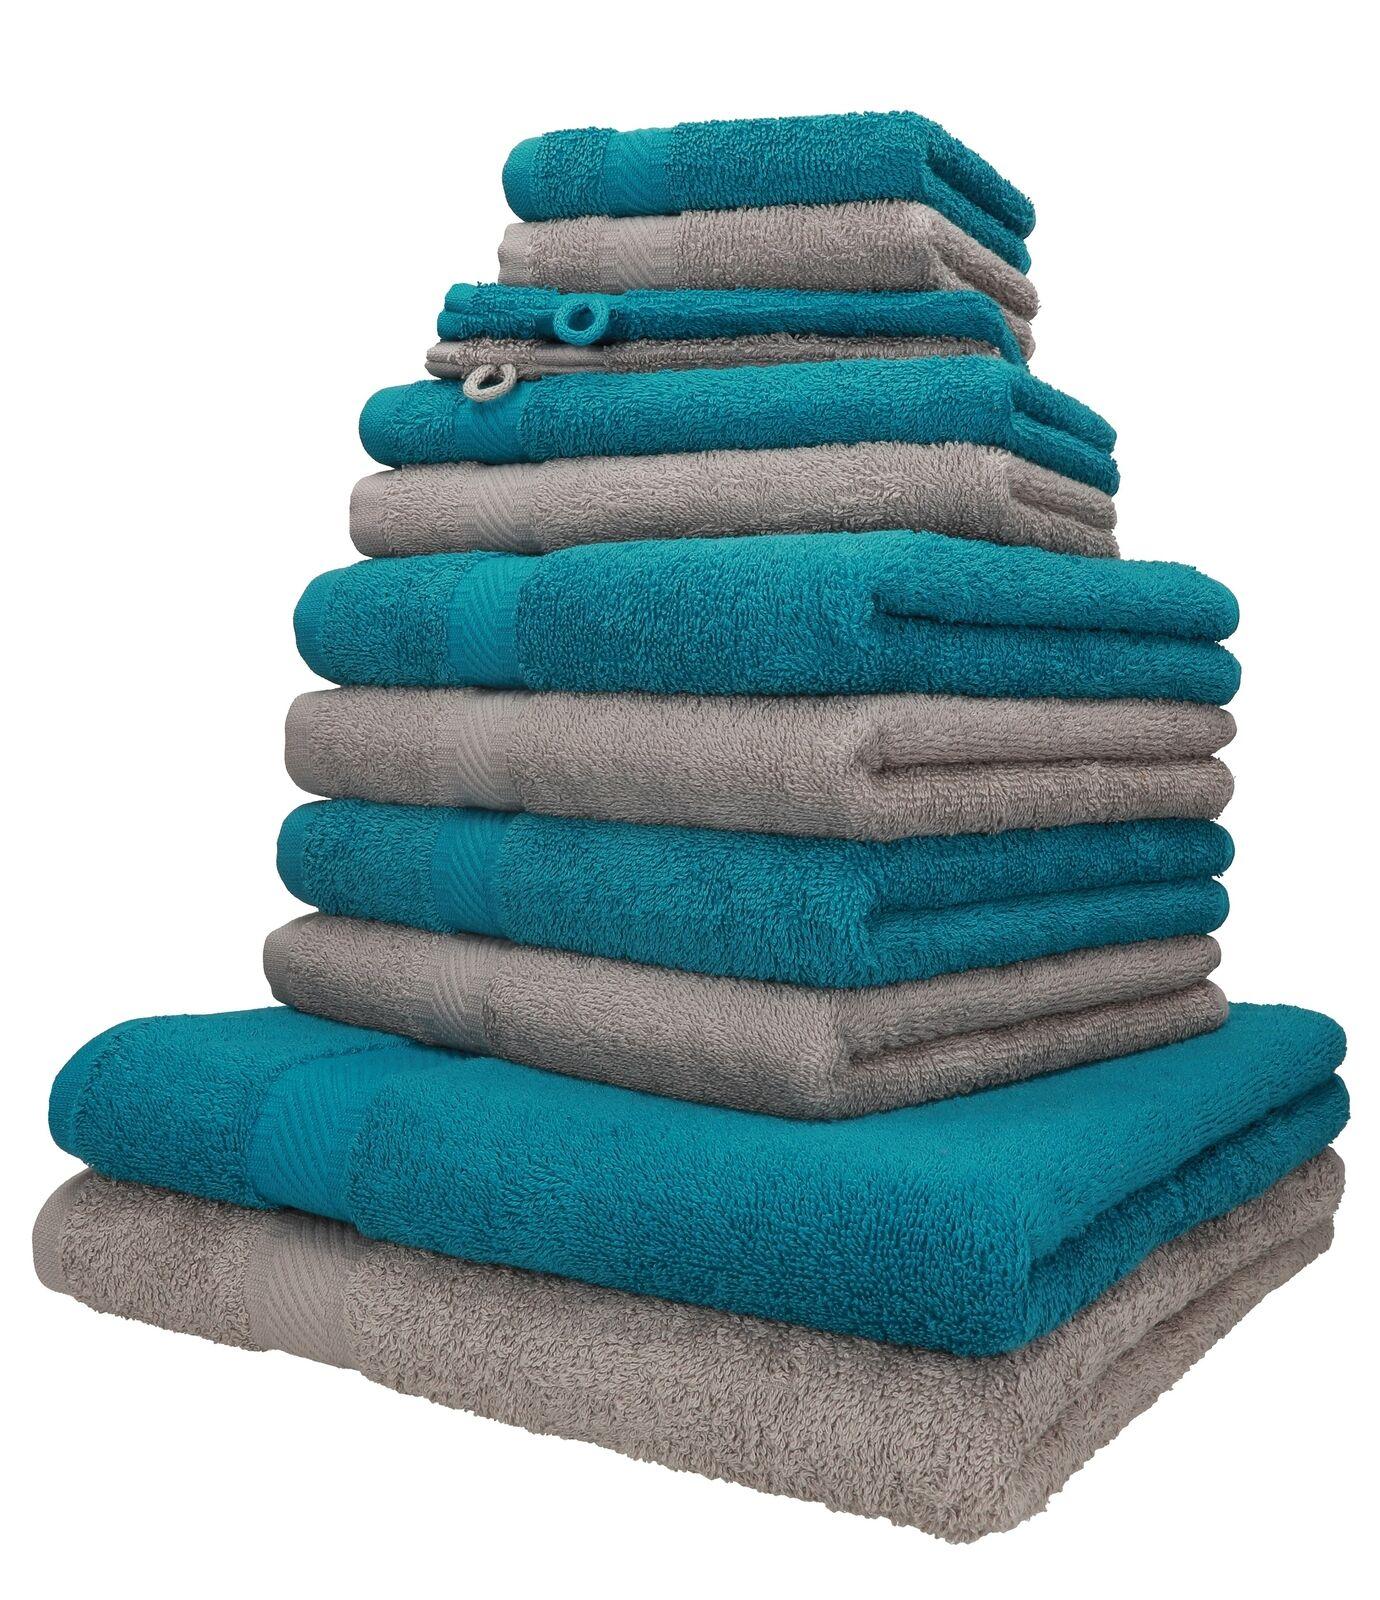 Betz 12er Handtuch Set Handtücher Duschtücher PALERMO  Baumwolle petrol / stone